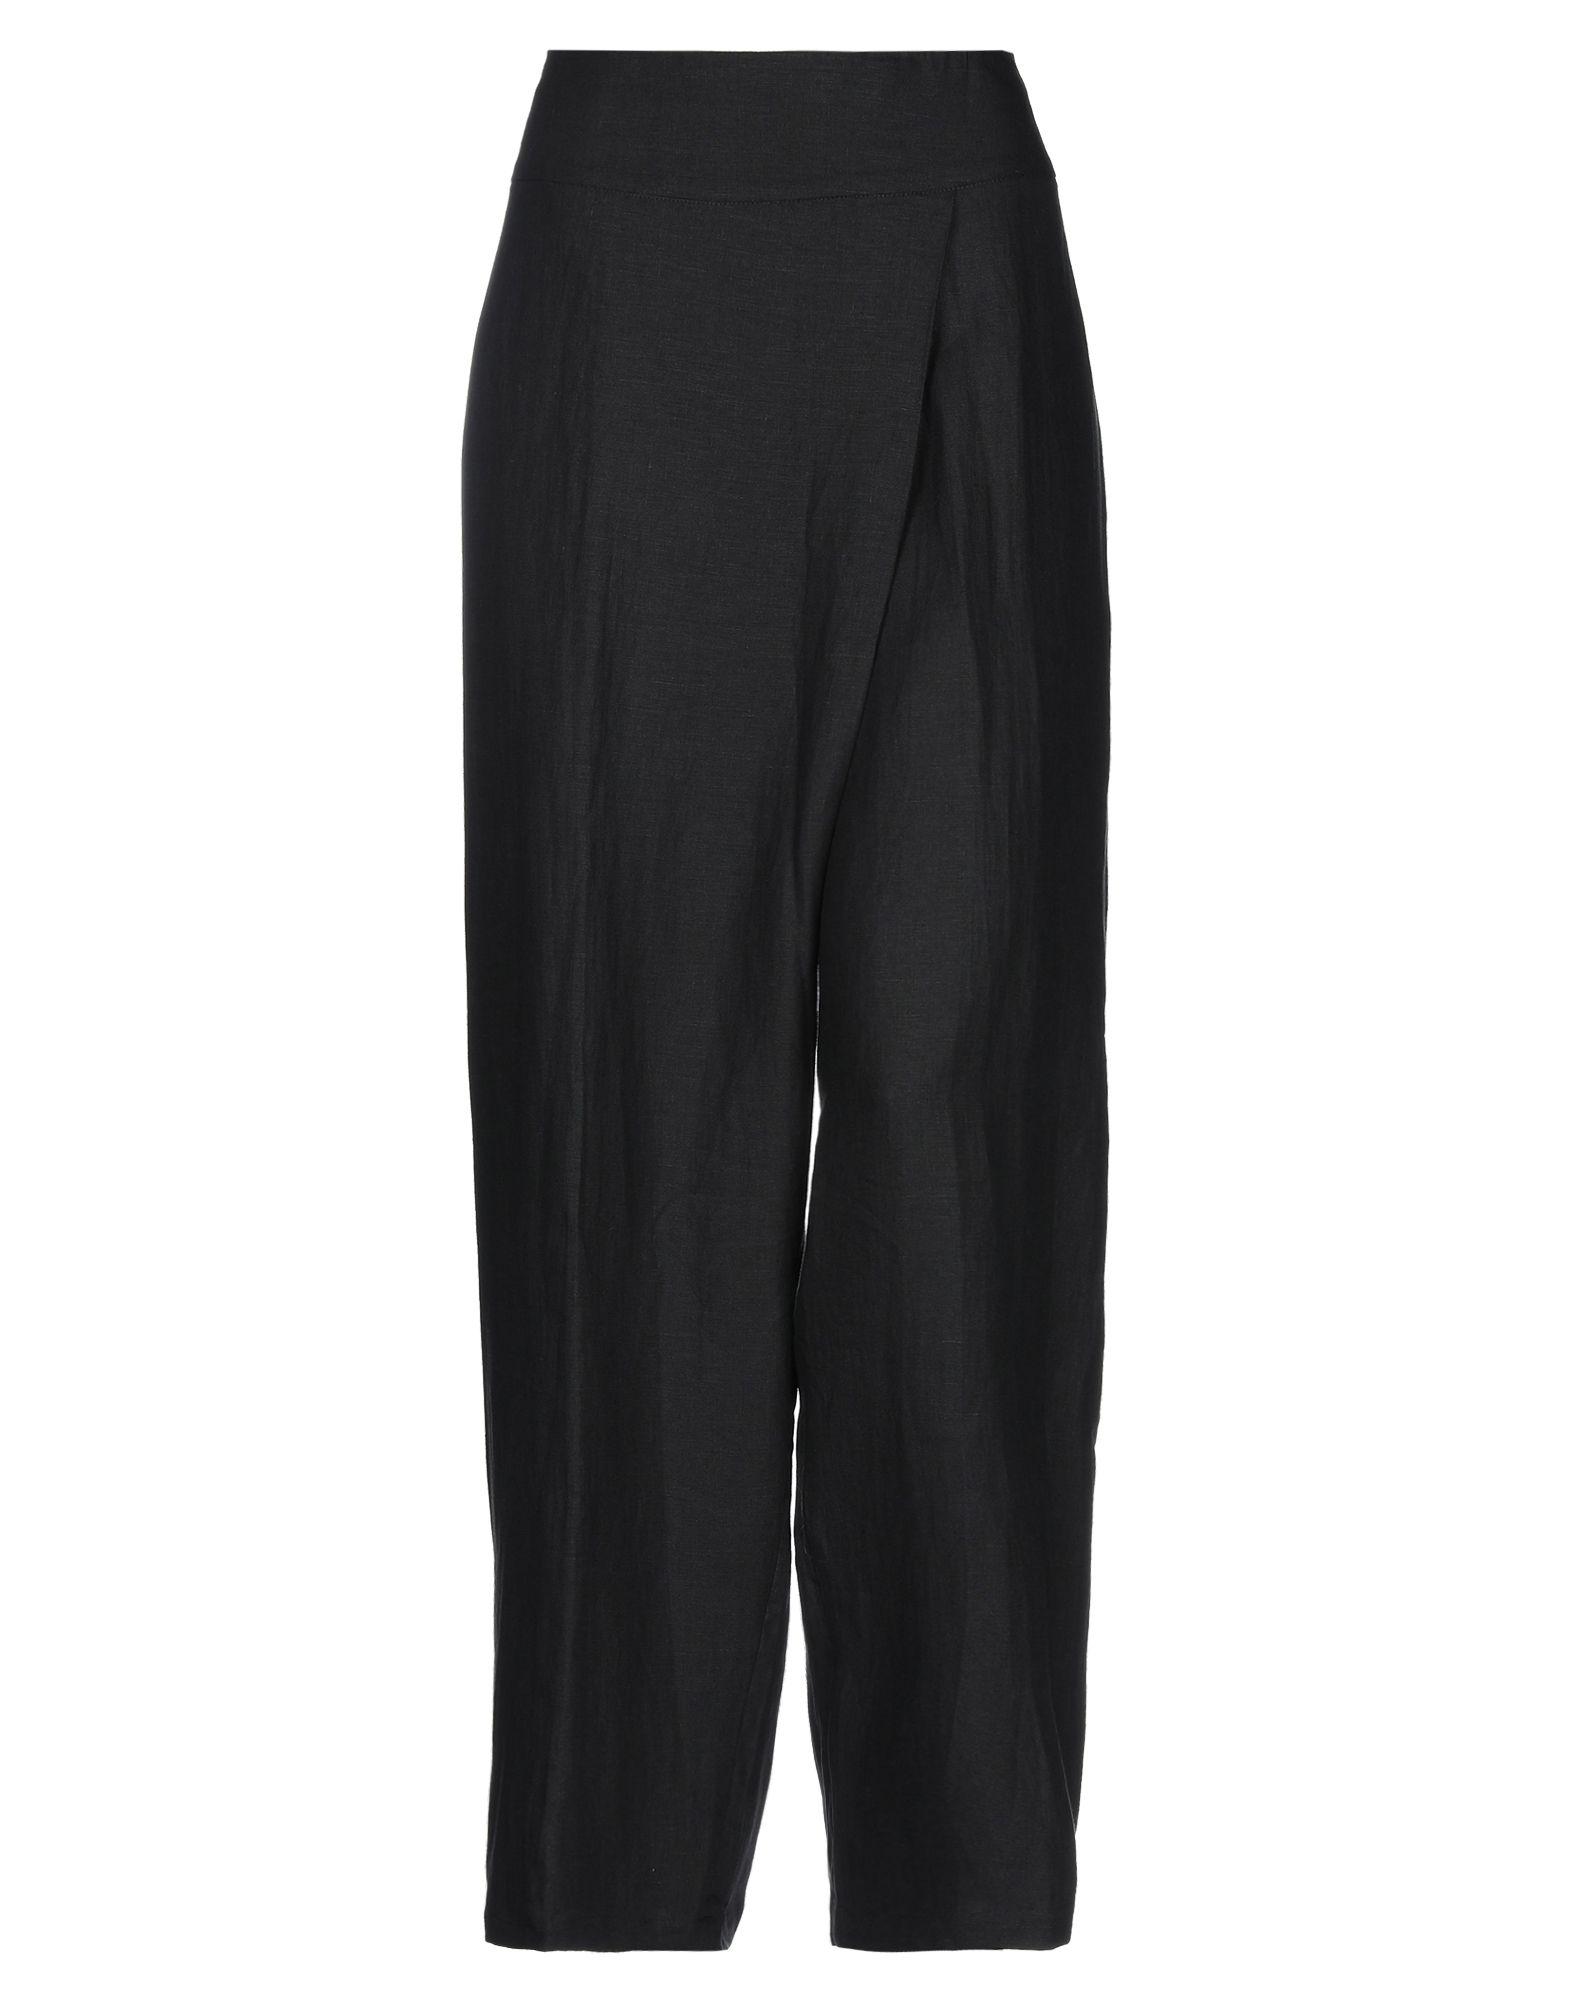 цены на ISABELLA CLEMENTINI Повседневные брюки  в интернет-магазинах